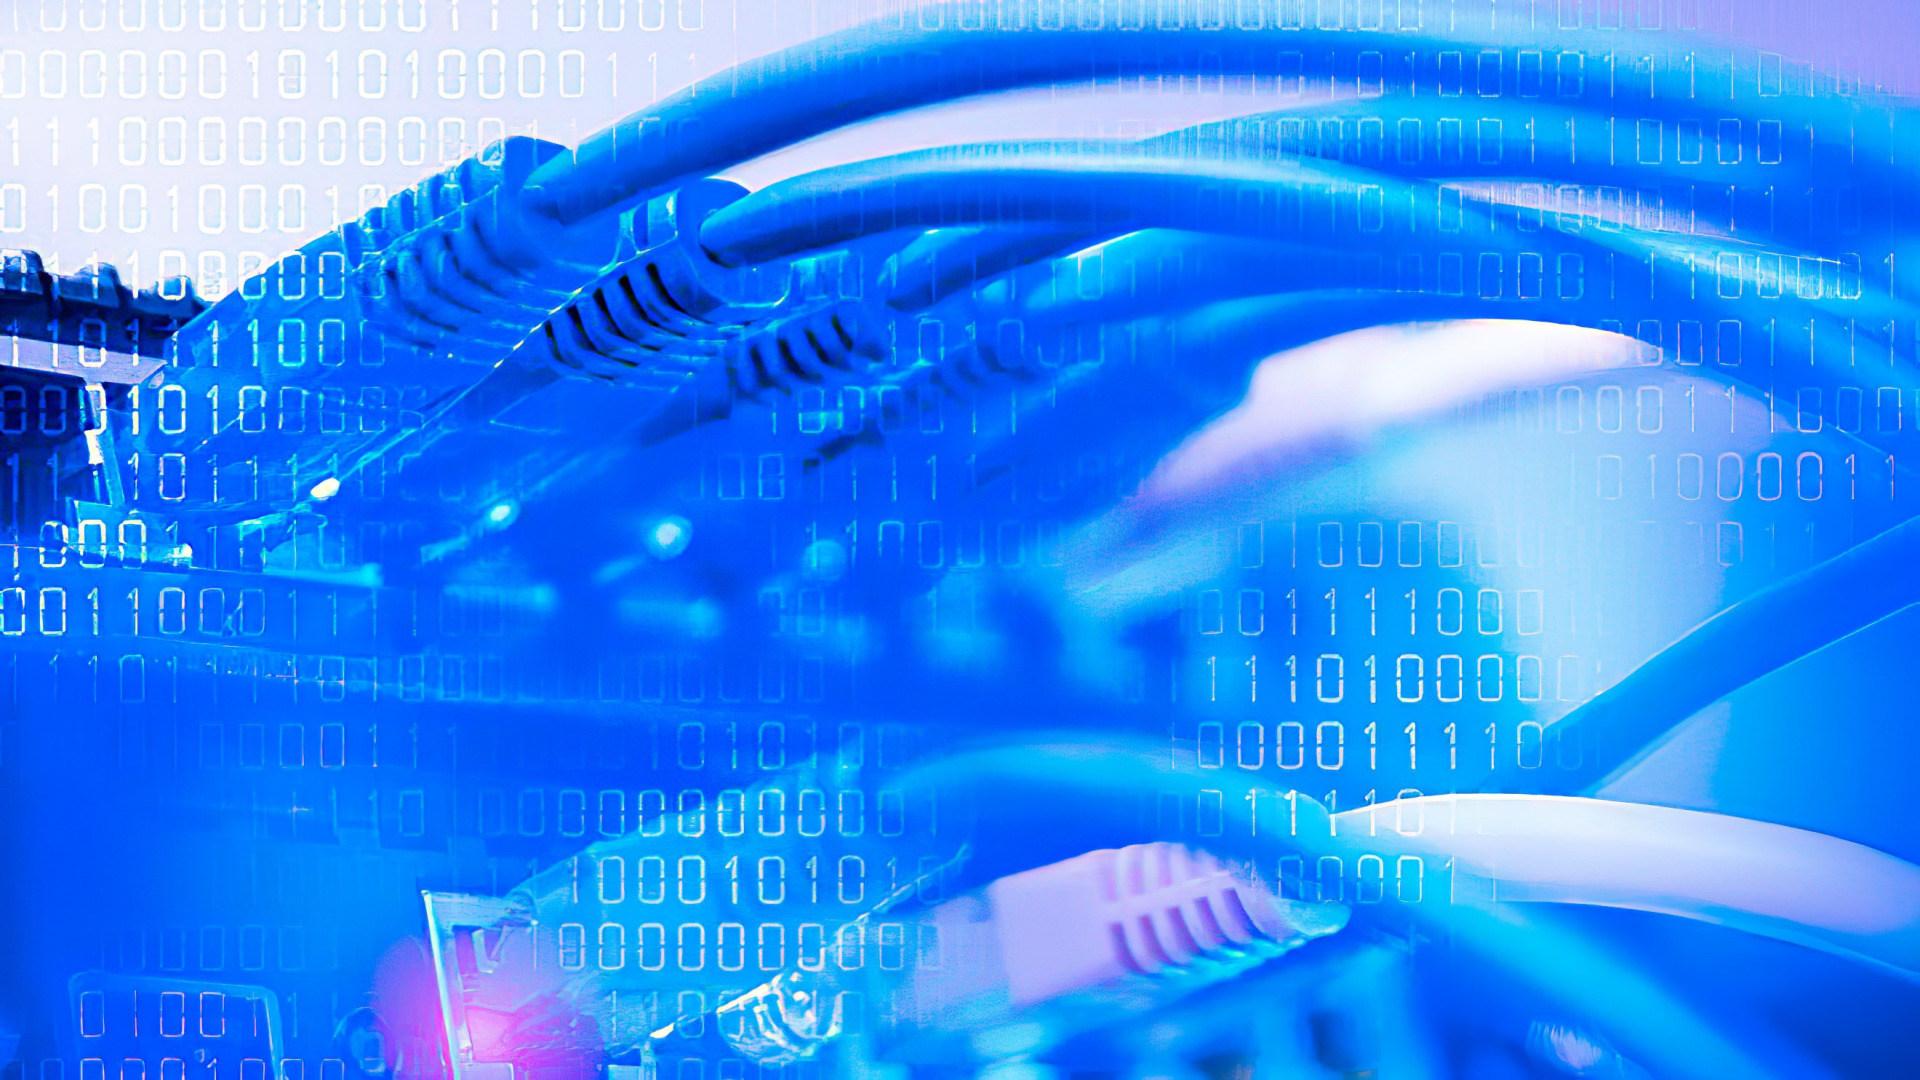 Internet, Daten, Router, Netzwerk, Switch, Kabel, Datenübertragung, Traffic, Gigabit, Telekommunikation, Ethernet, stecker, Binär, 720695, Patch-Feld, 1001, Netzwerkkabel